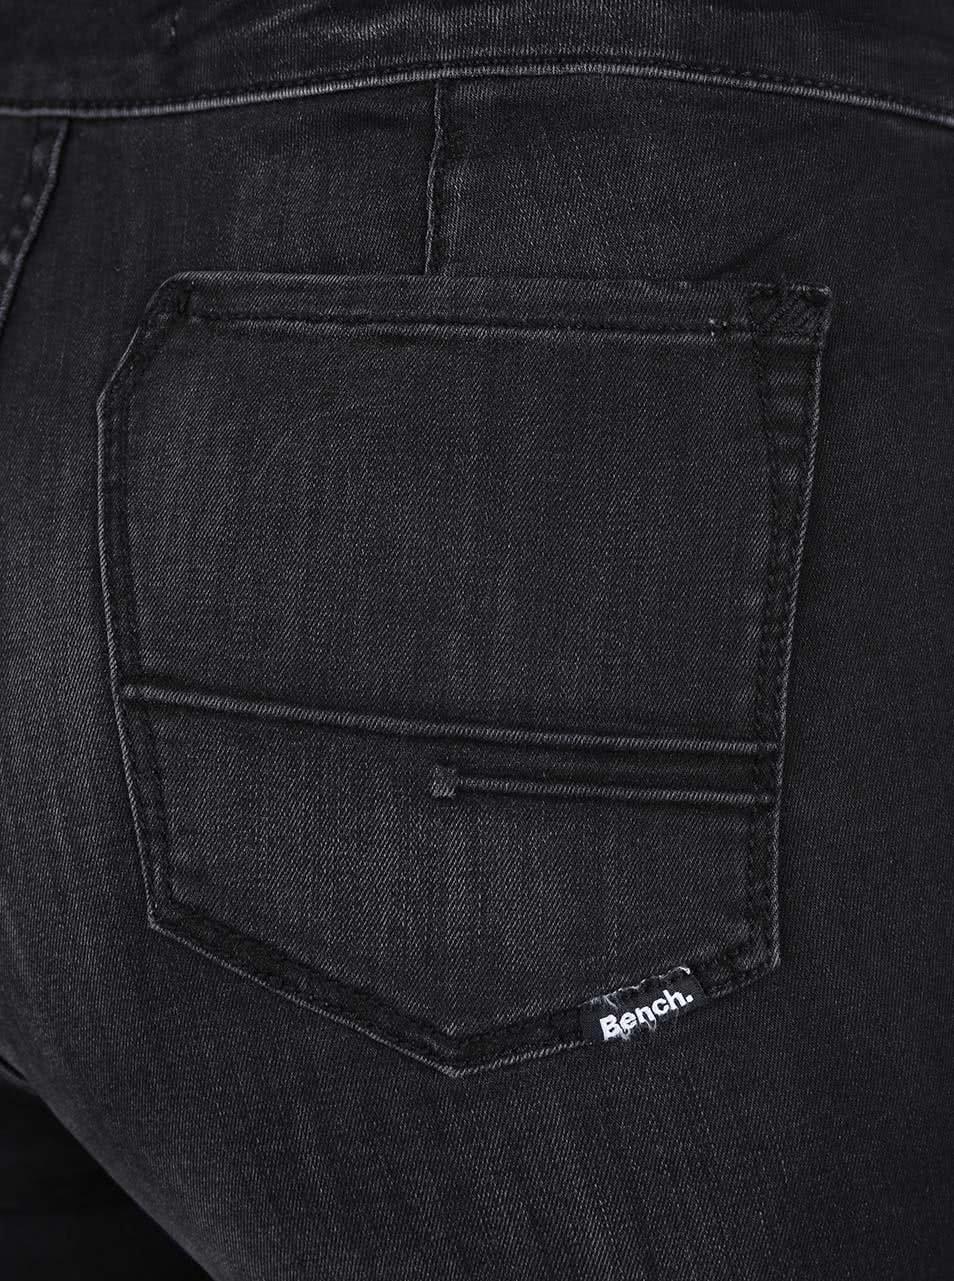 Černé dámské džíny se zipem na boku Bench ... cf5d97a640